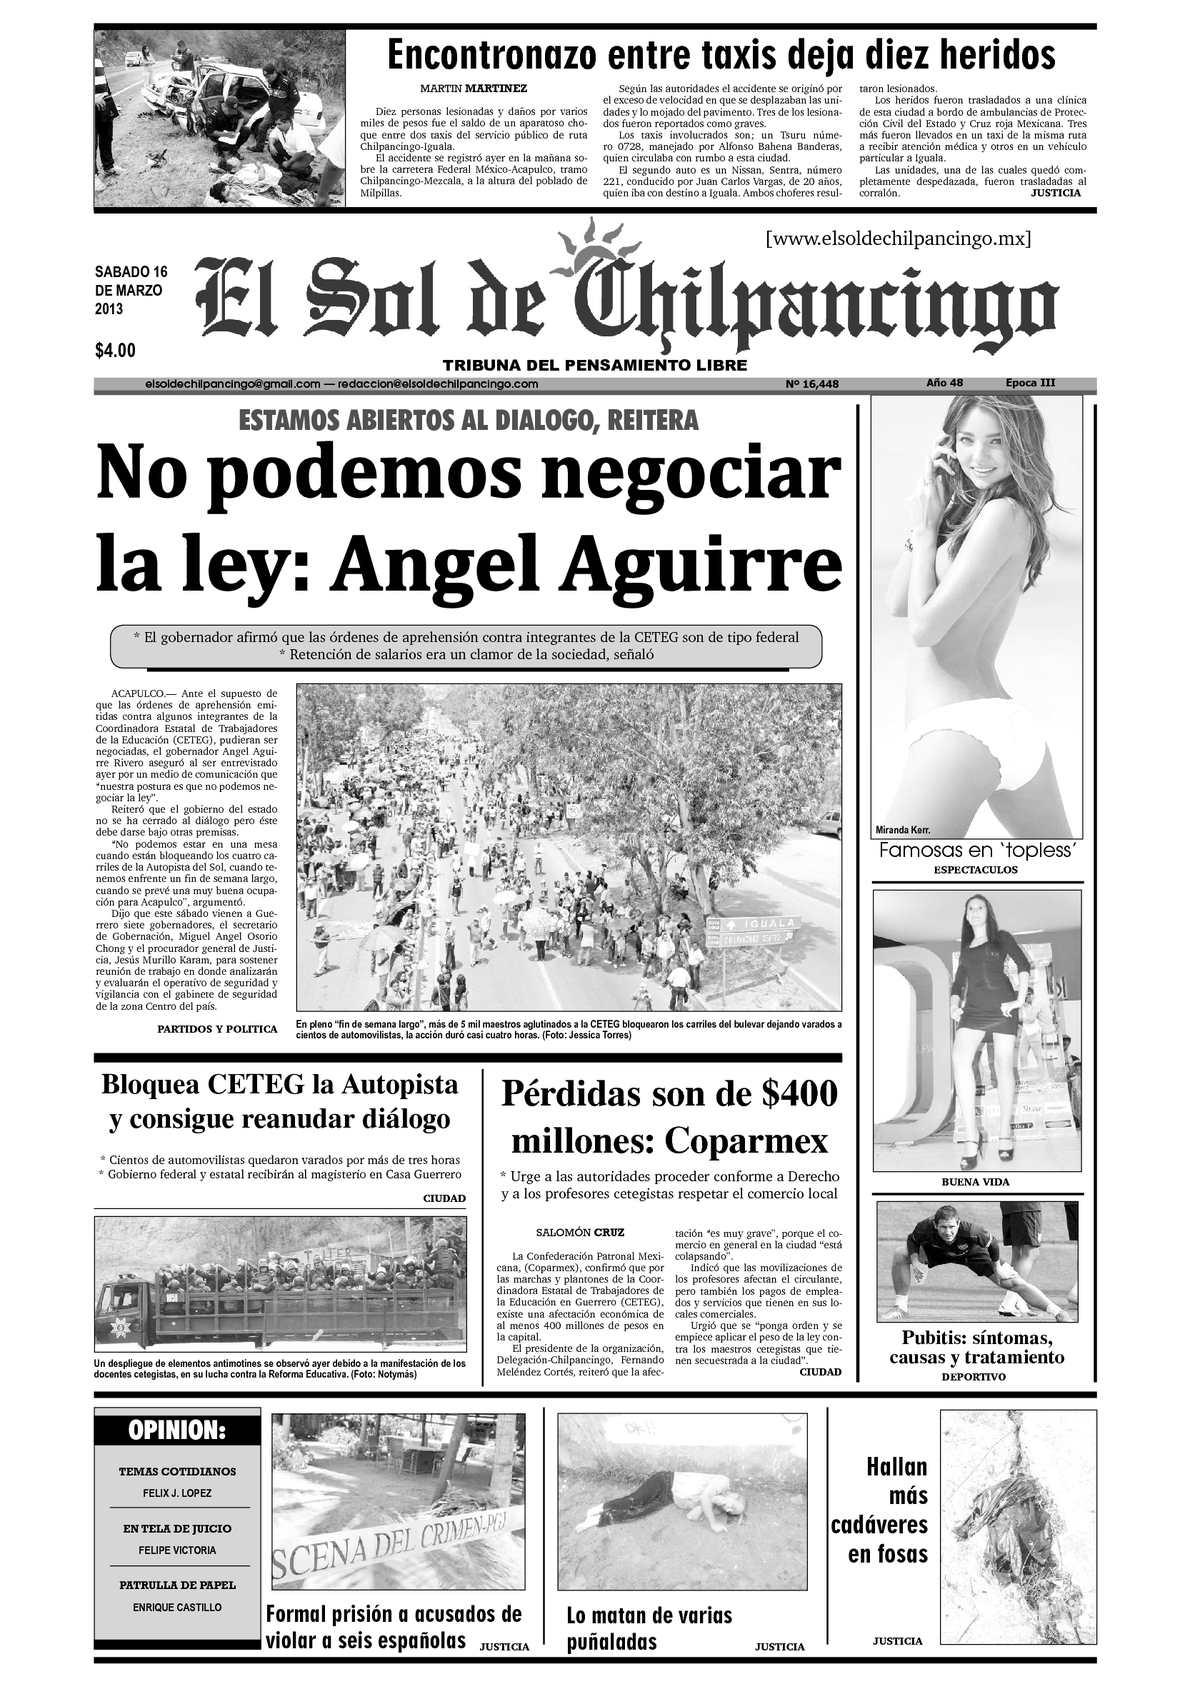 Calaméo - El Sol de Chilpancingo - 16 Marzo 2013